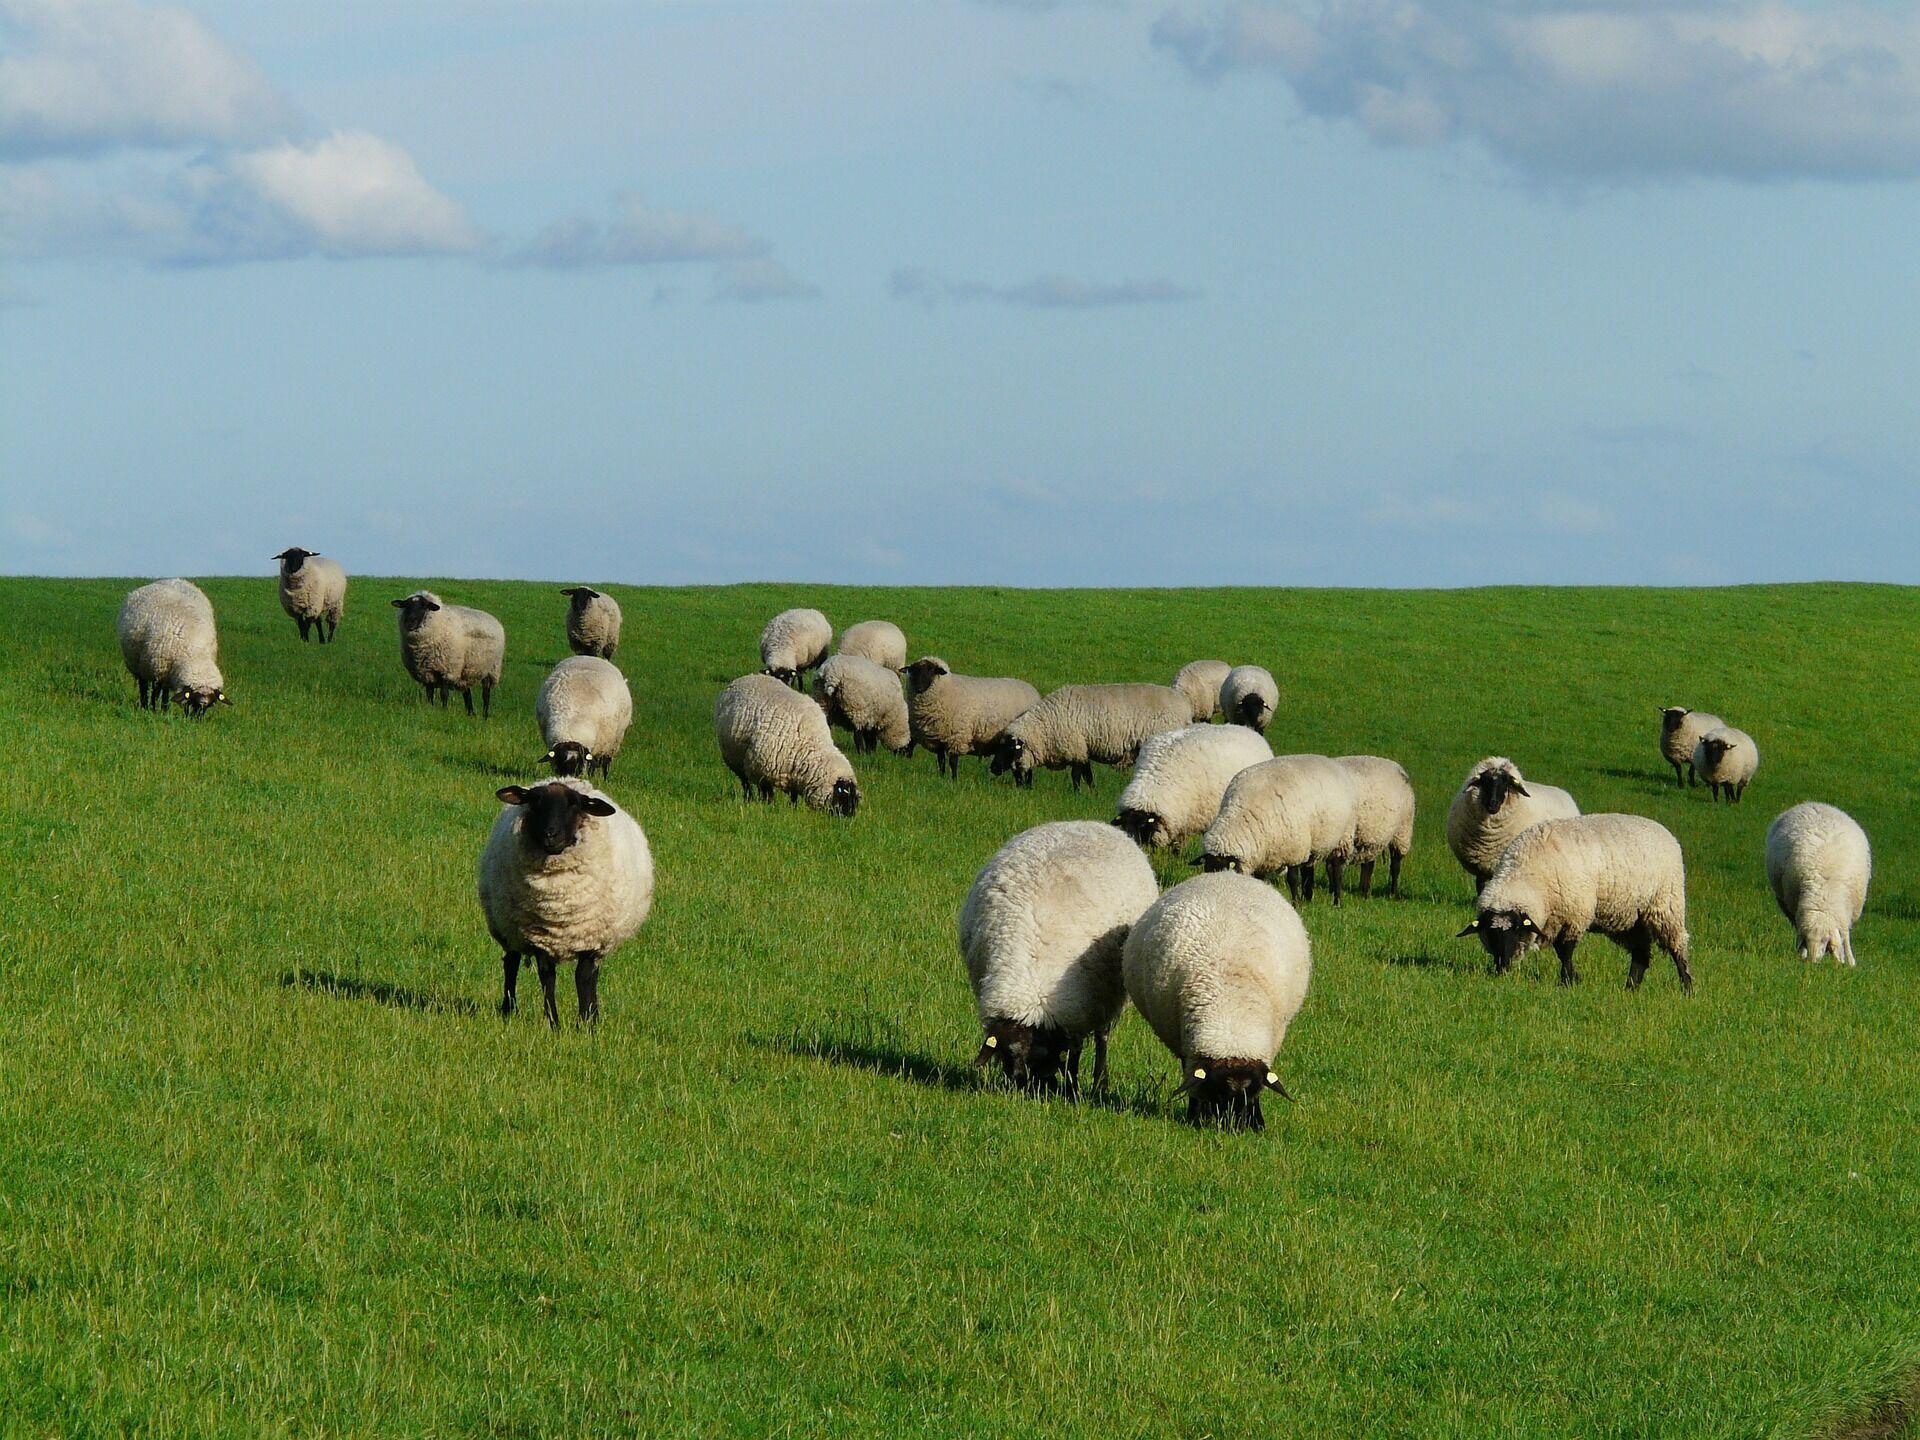 К северу от Паратетиса обитали предки нынешних коз и овец